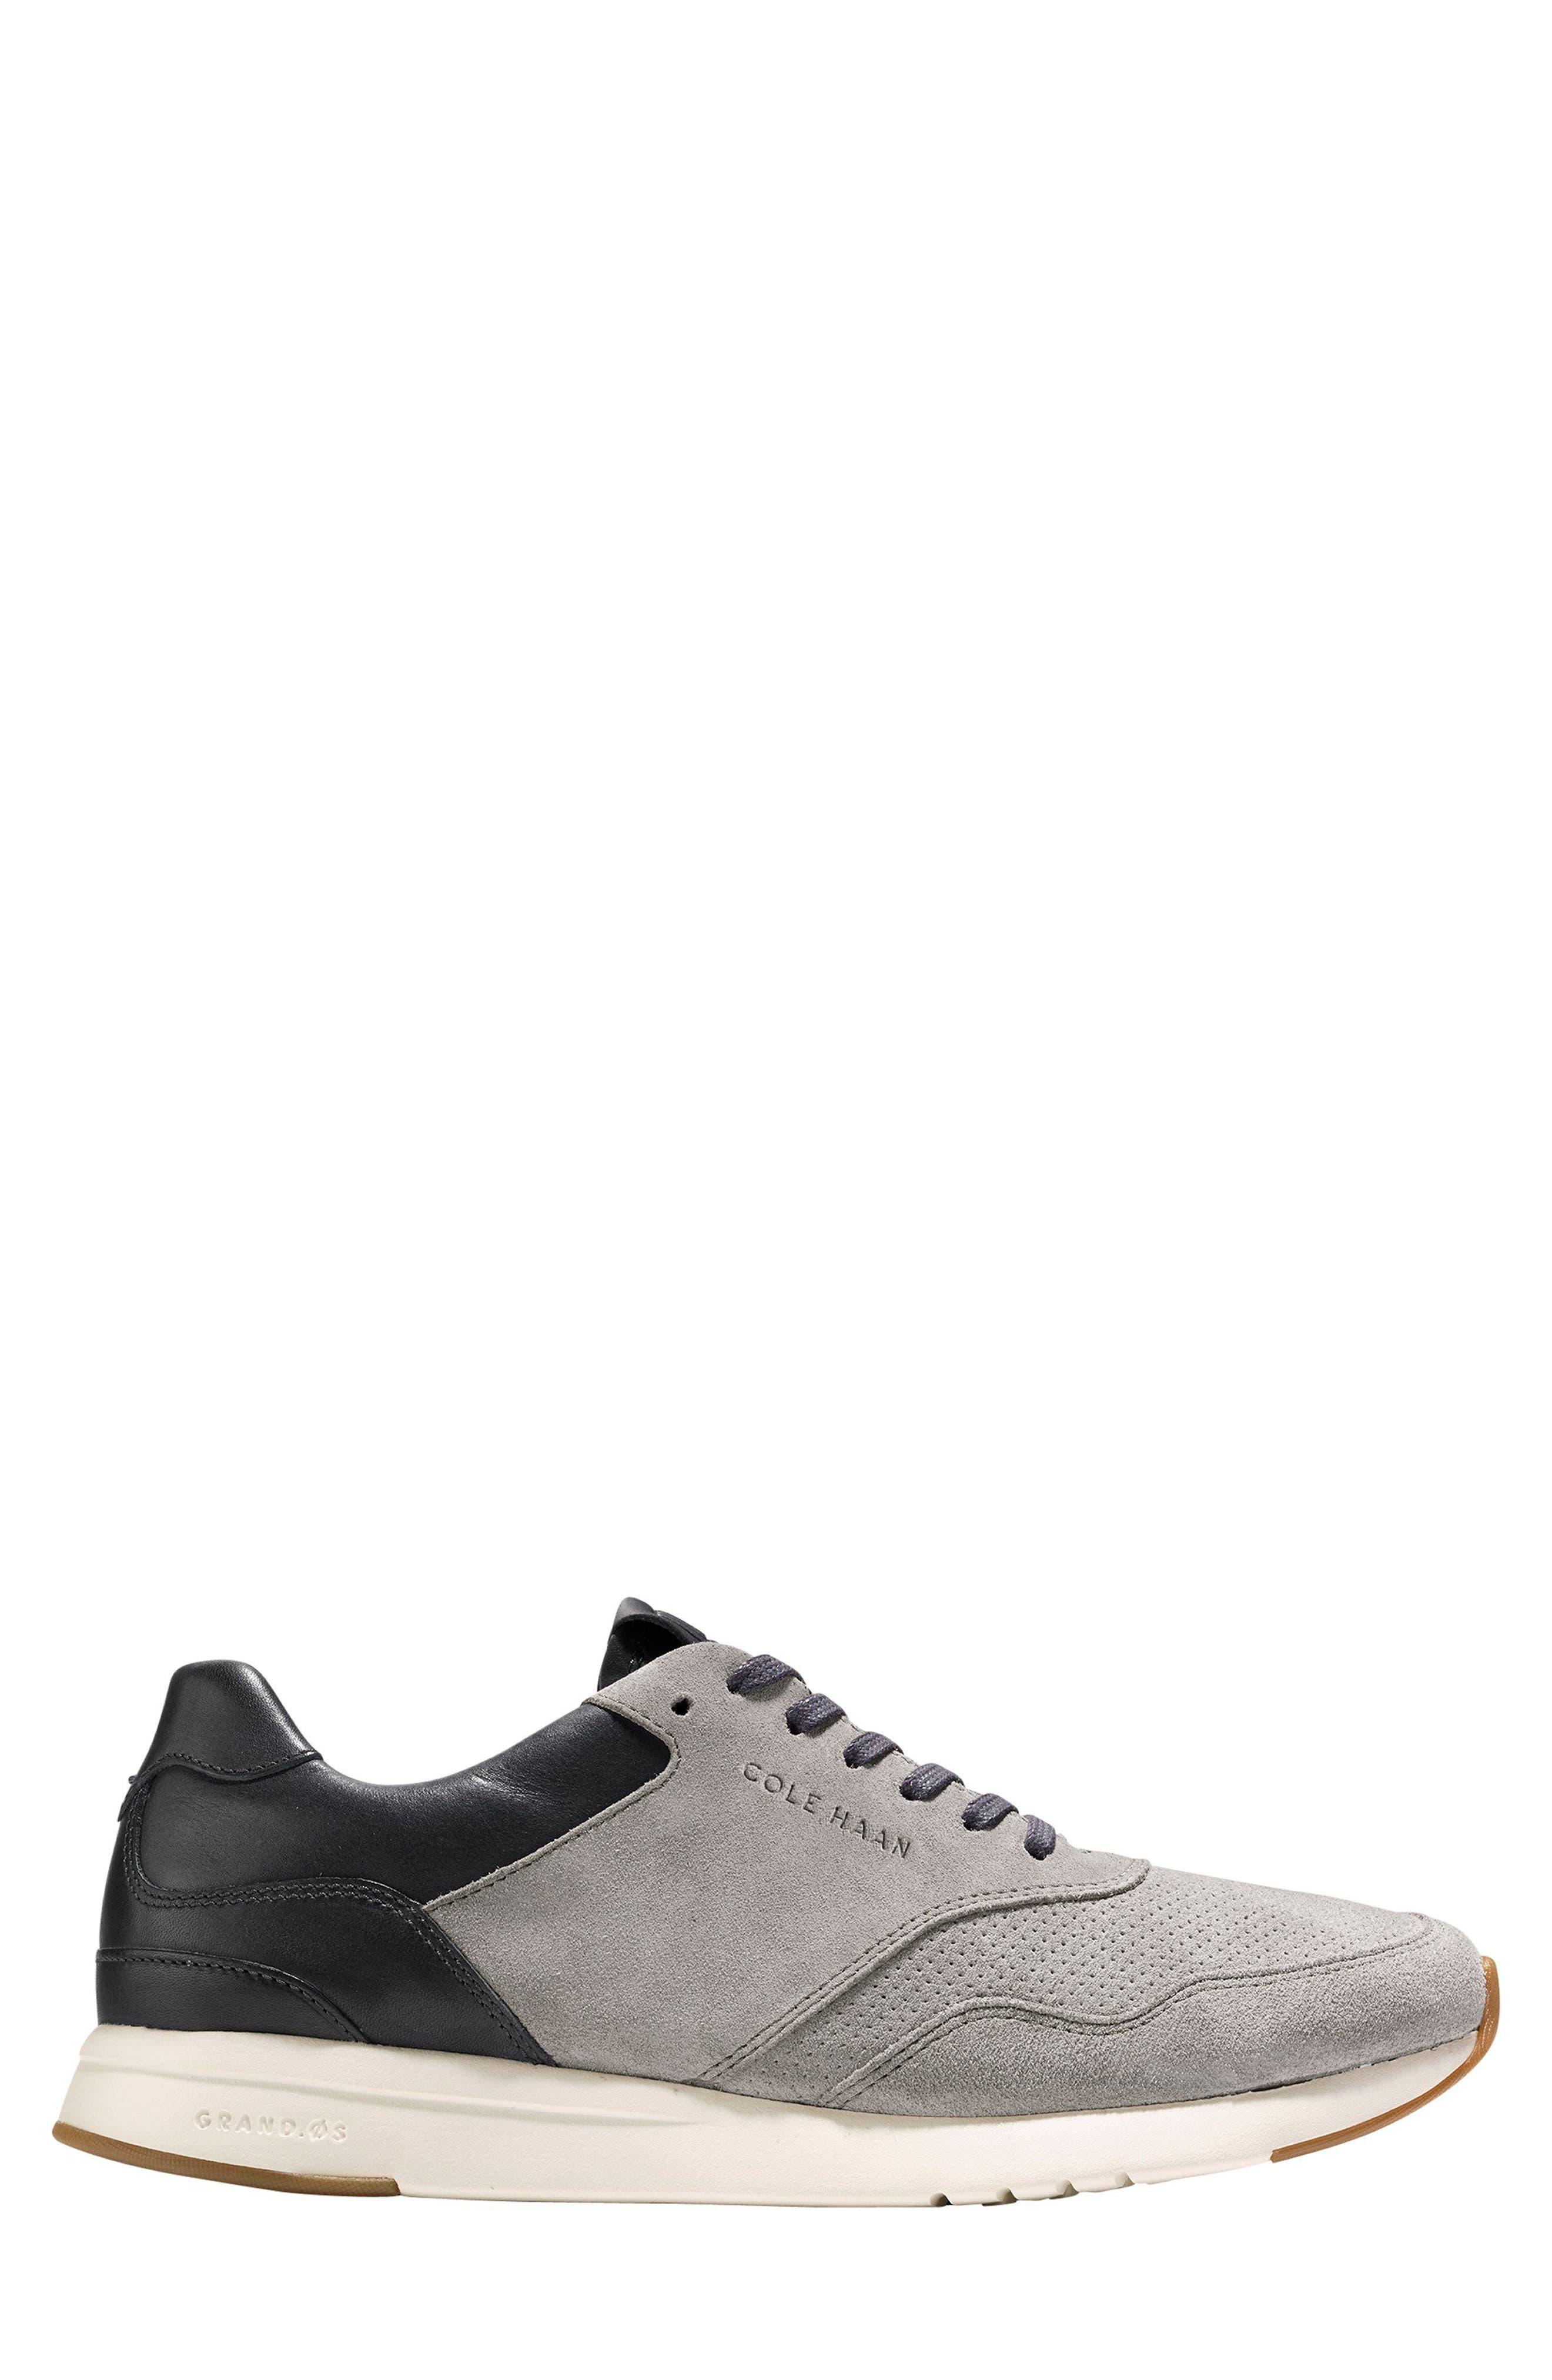 Alternate Image 2  - Cole Haan GrandPro Runner Sneaker (Men)